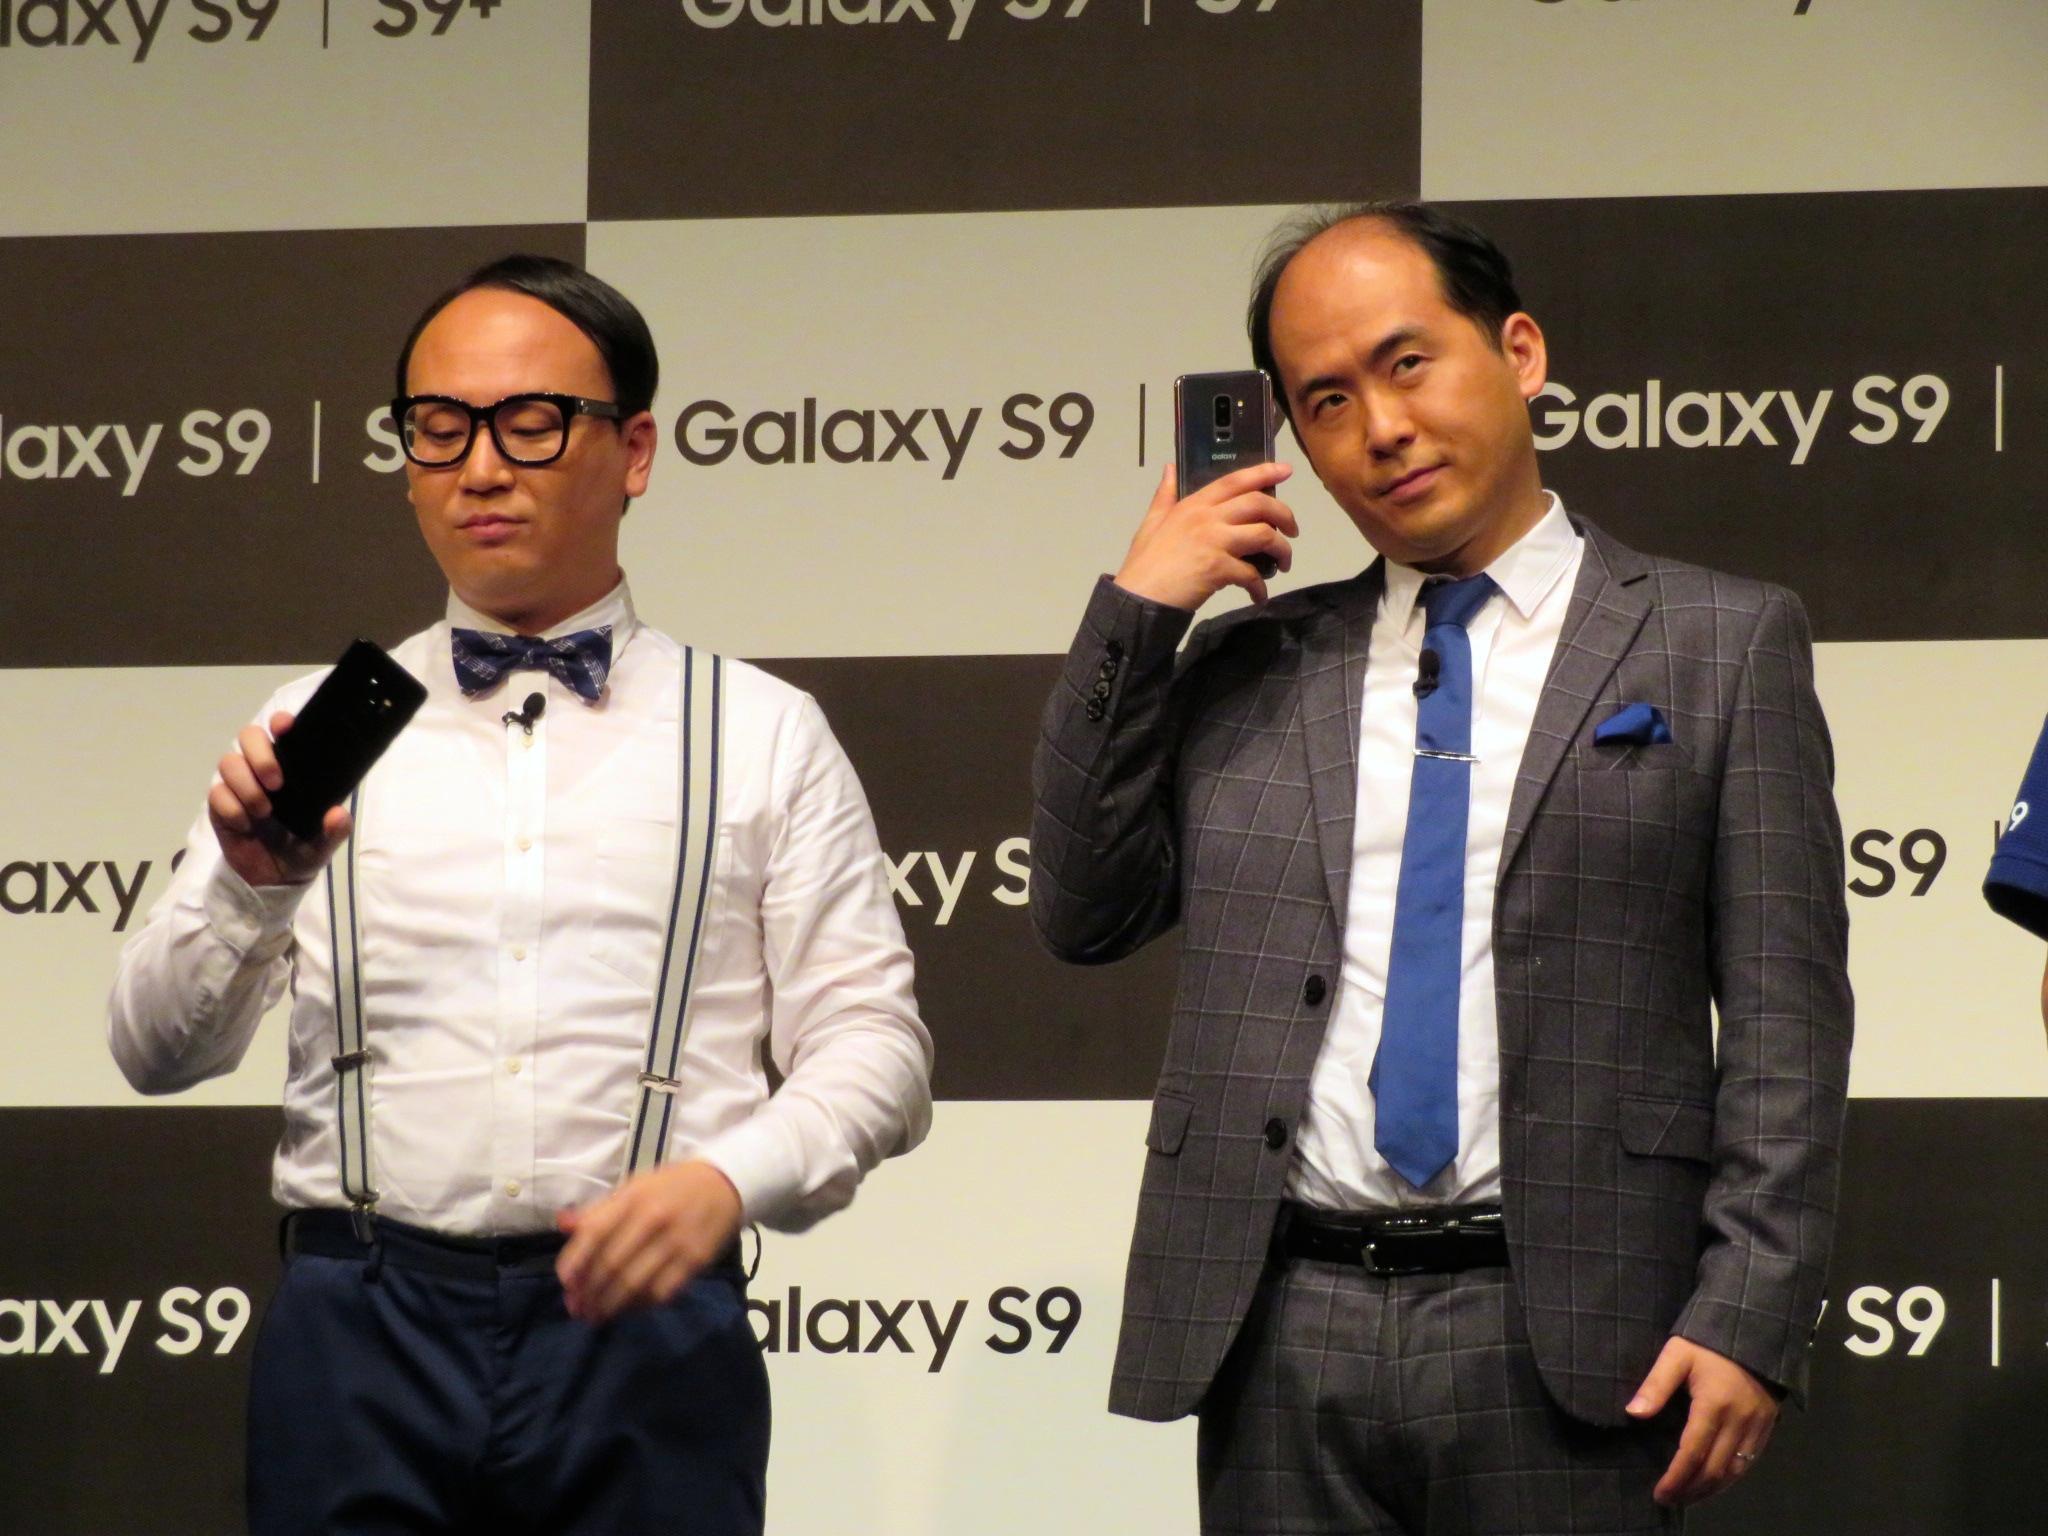 http://news.yoshimoto.co.jp/20180517175311-365c9bcaaf05387ddd7dfdfb7238a956a585f617.jpg